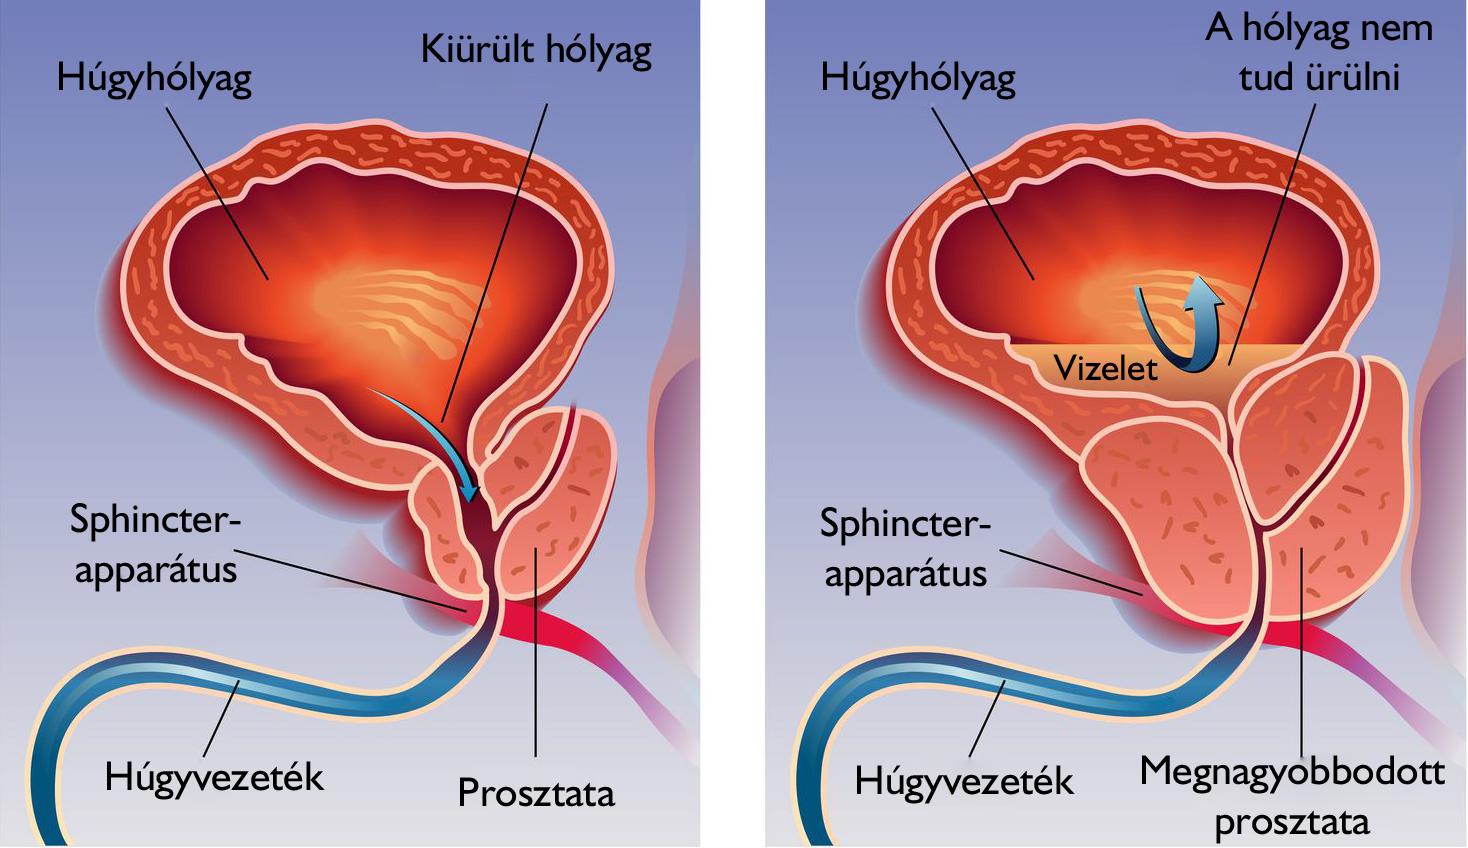 prosztata az erekció során